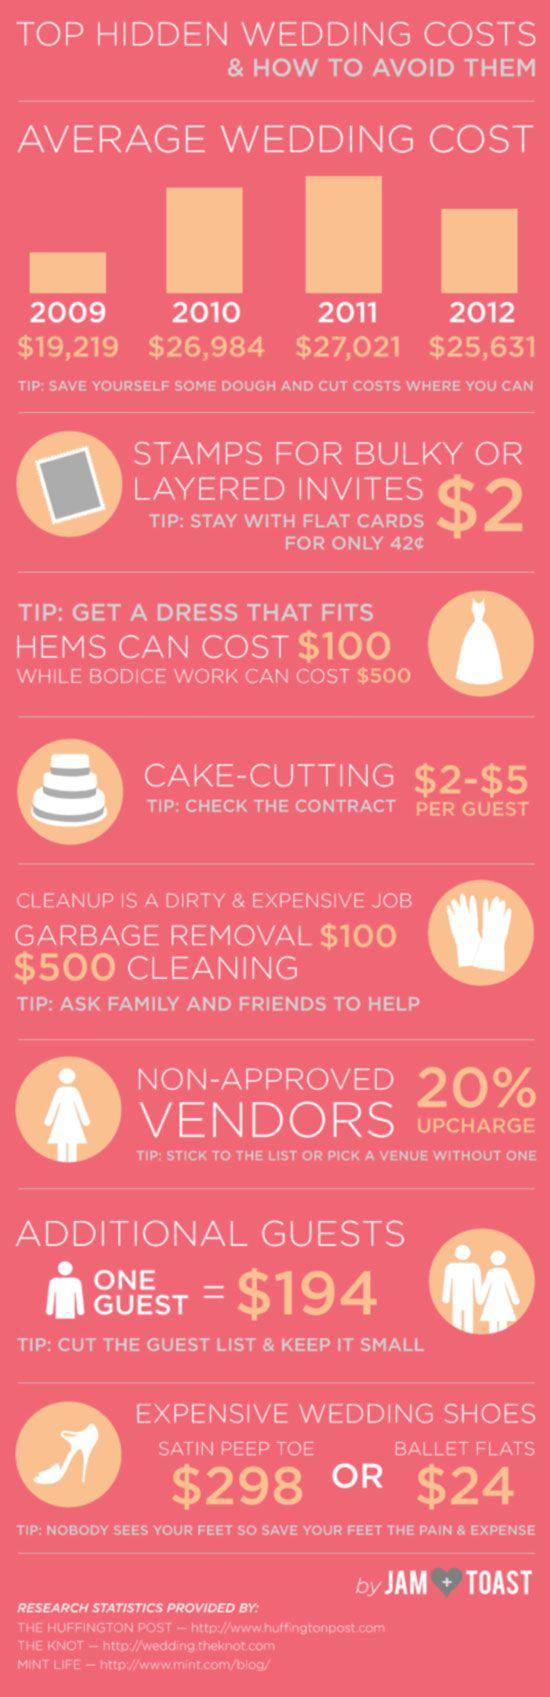 hidden wedding costs infographic